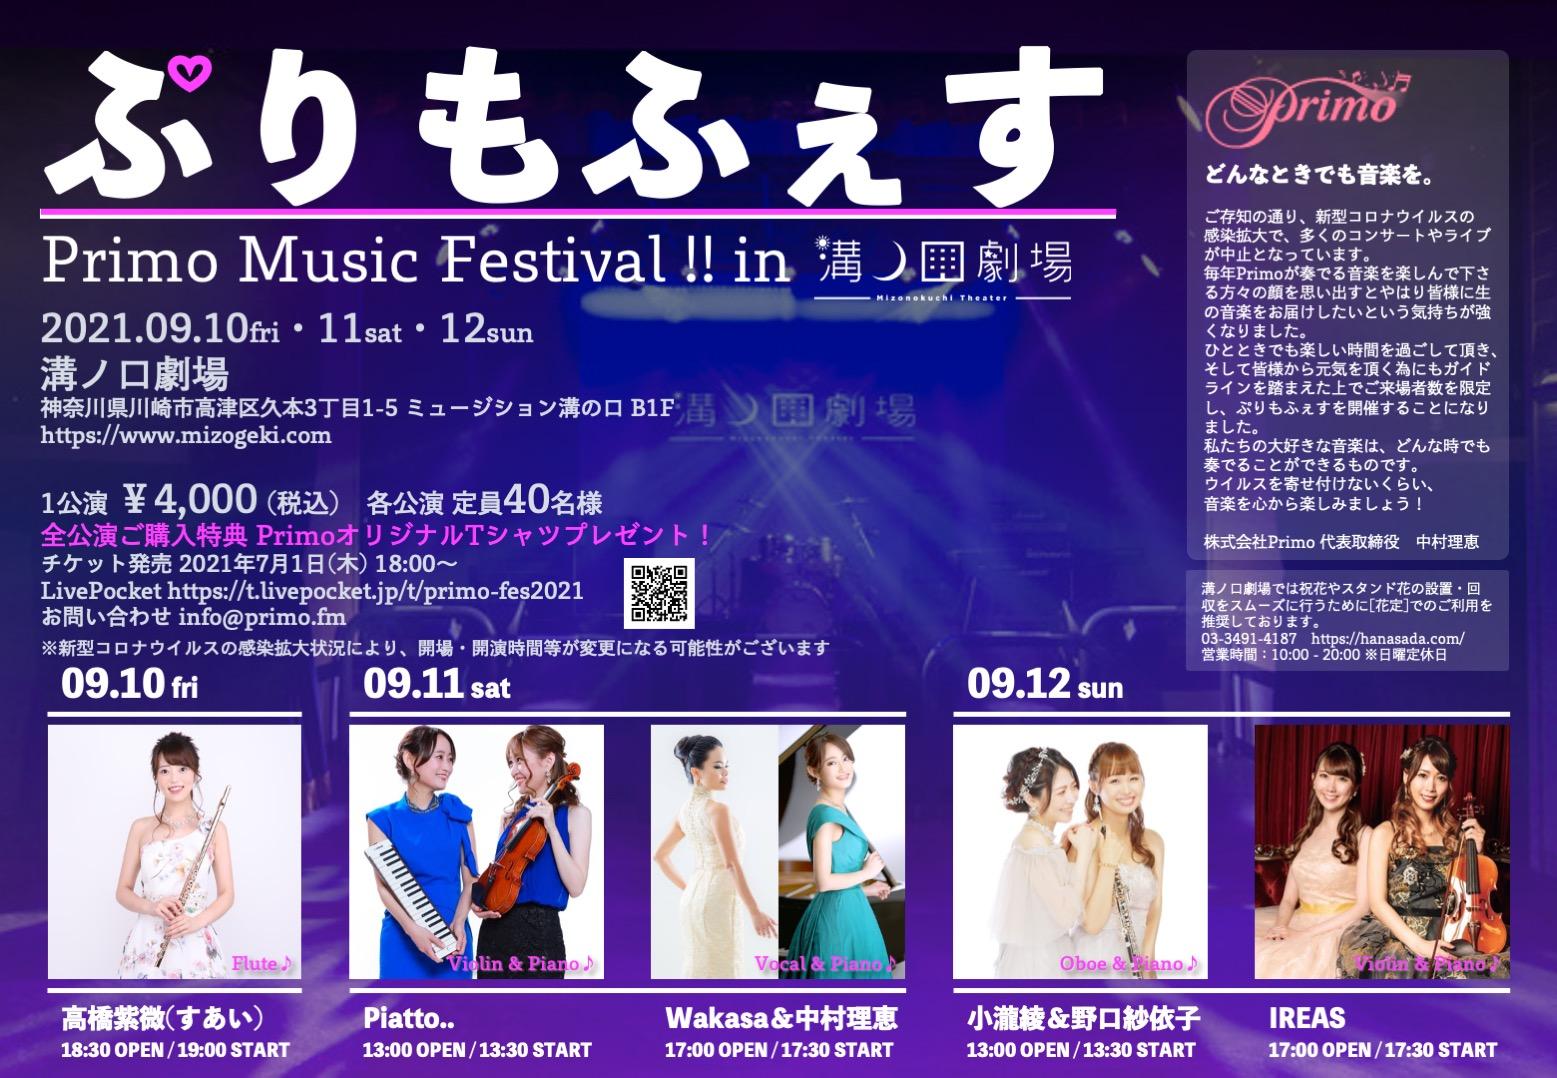 ぷりもふぇす~Primo Music Festival !! in溝の口劇場~